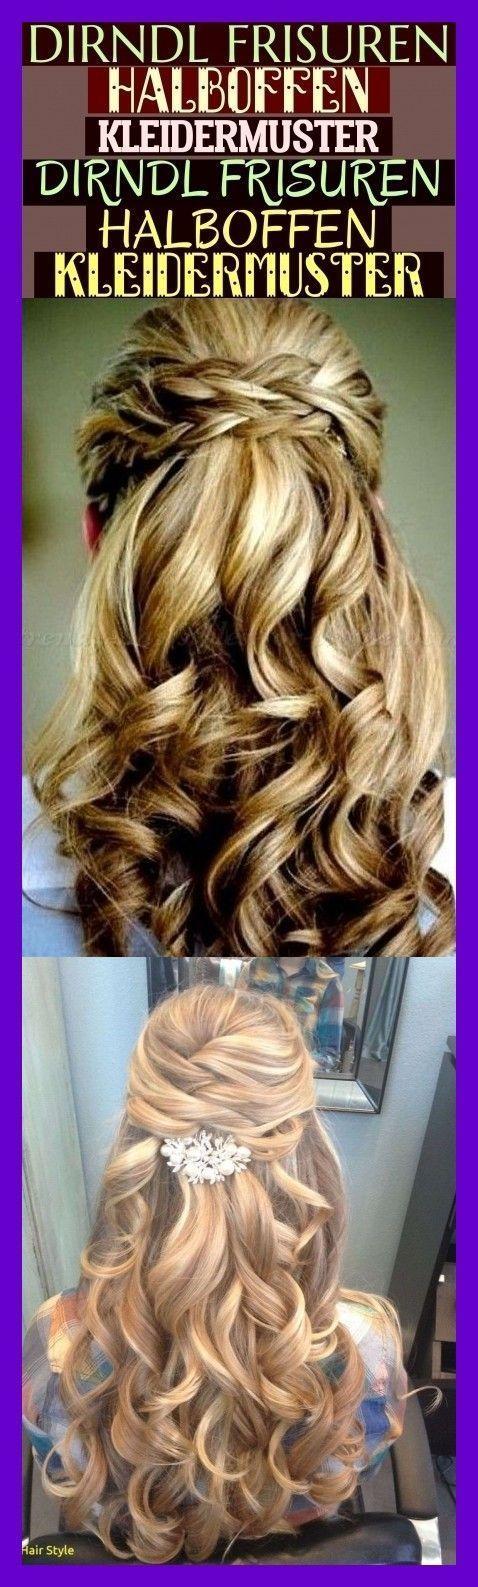 Dirndl Frisuren Halboffen Kleidermuster Dirndl Frisuren Halboffen Kleidermuster Dirndl Frisur In 2020 Hair Styles Homemade Hair Treatments Homemade Hair Products